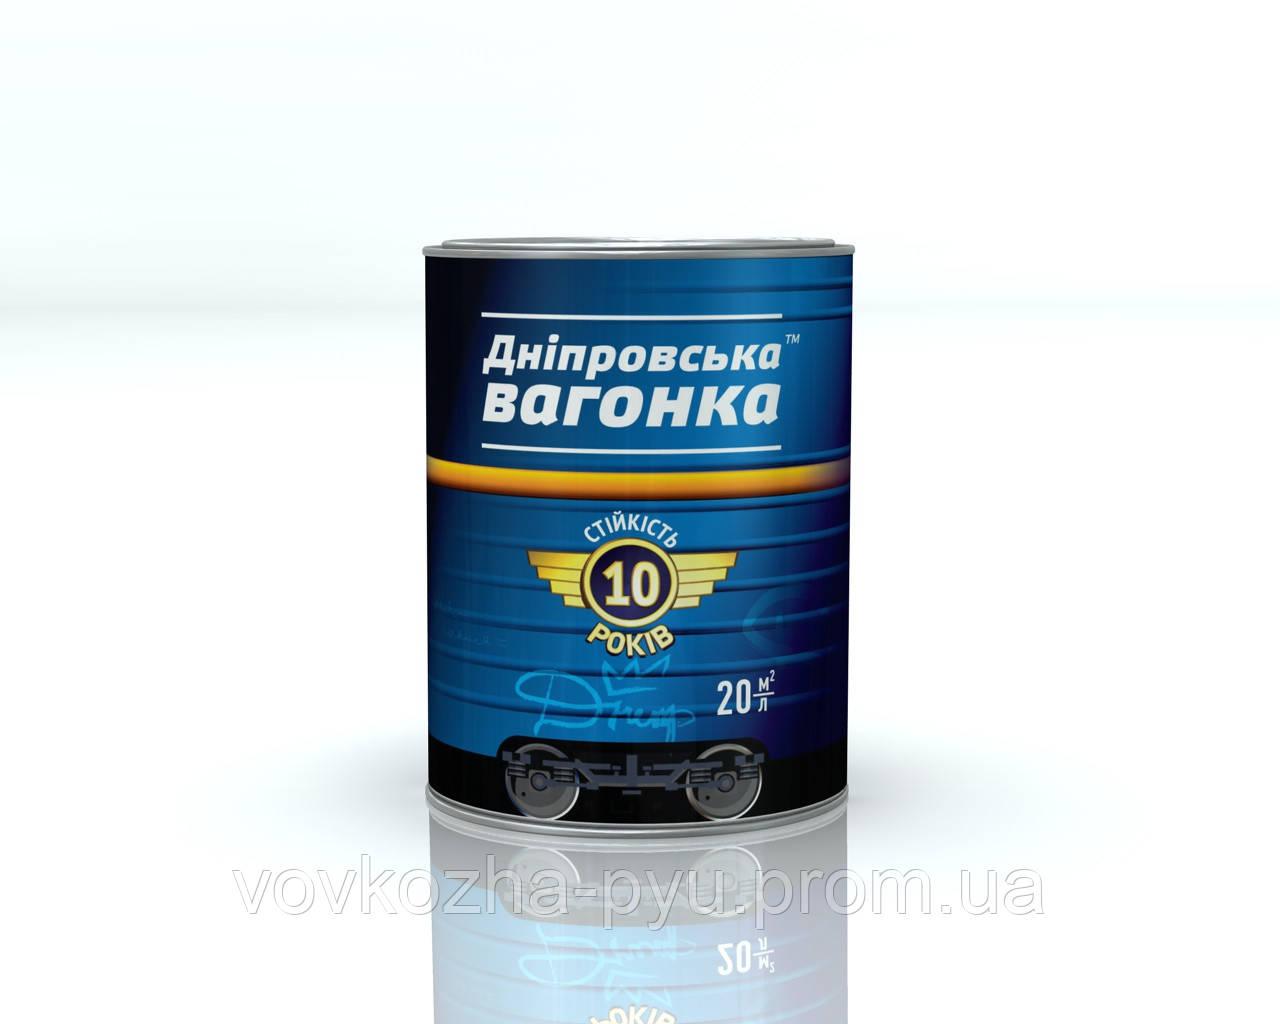 Эмаль Днепровская Вагонка ПФ-133 голубой лак 2.3 кг